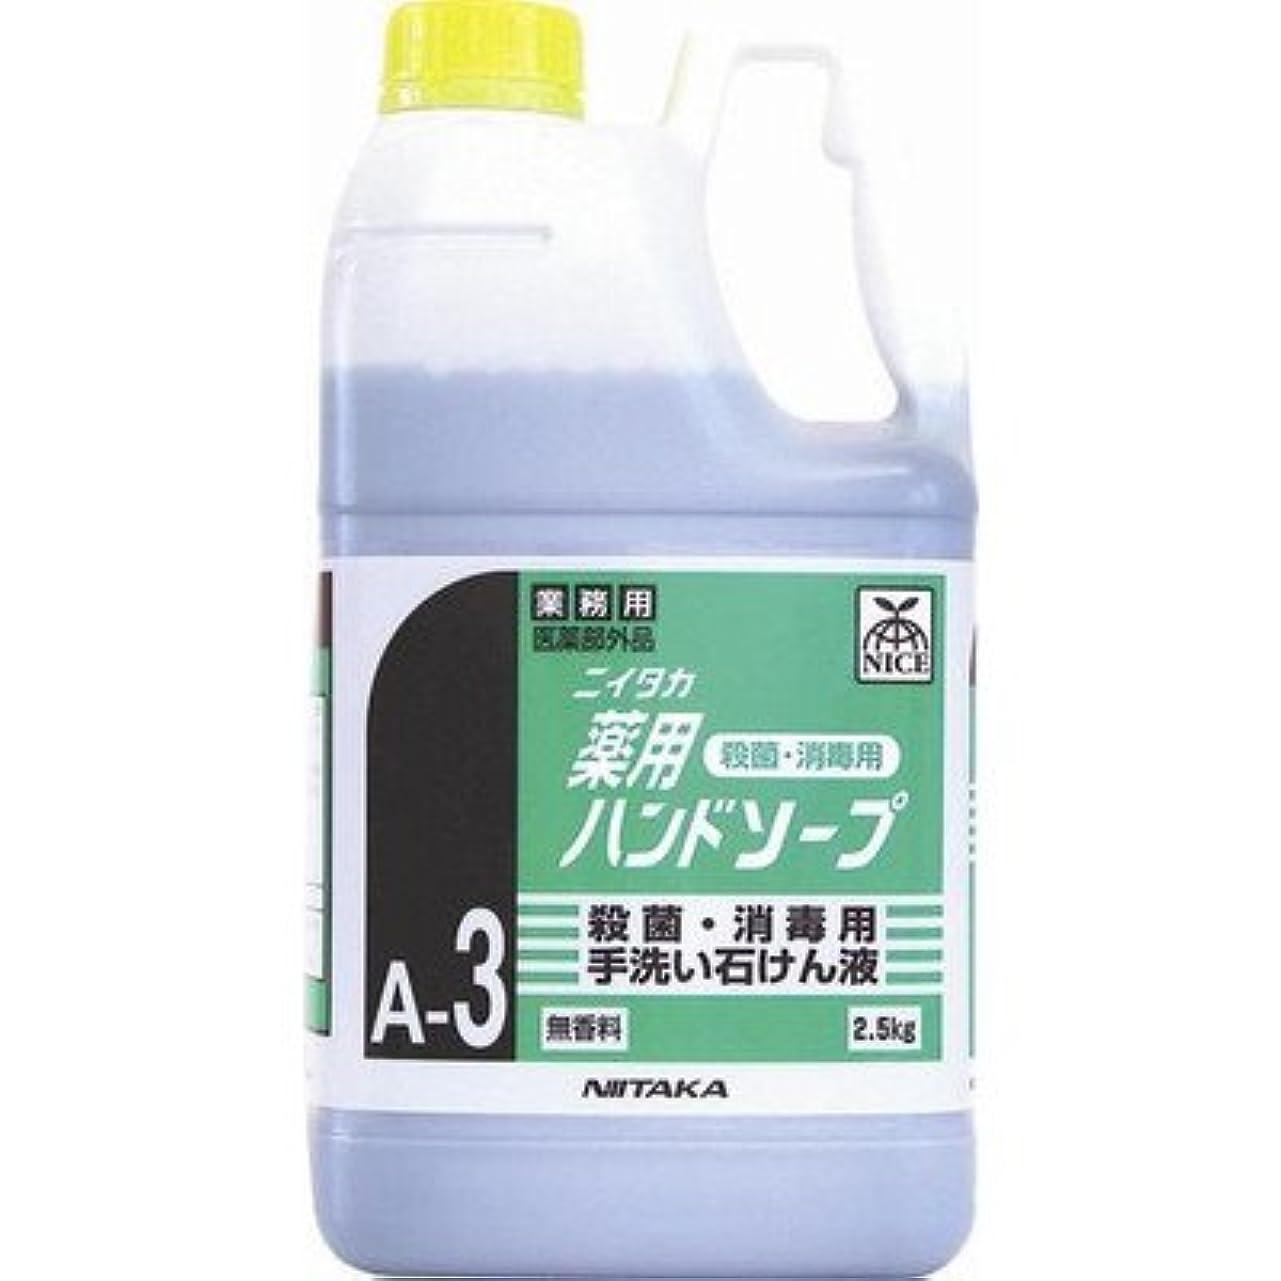 必要性社説刈るニイタカ 業務用手洗い石けん液 薬用ハンドソープ(A-3) 2.5kg×6本